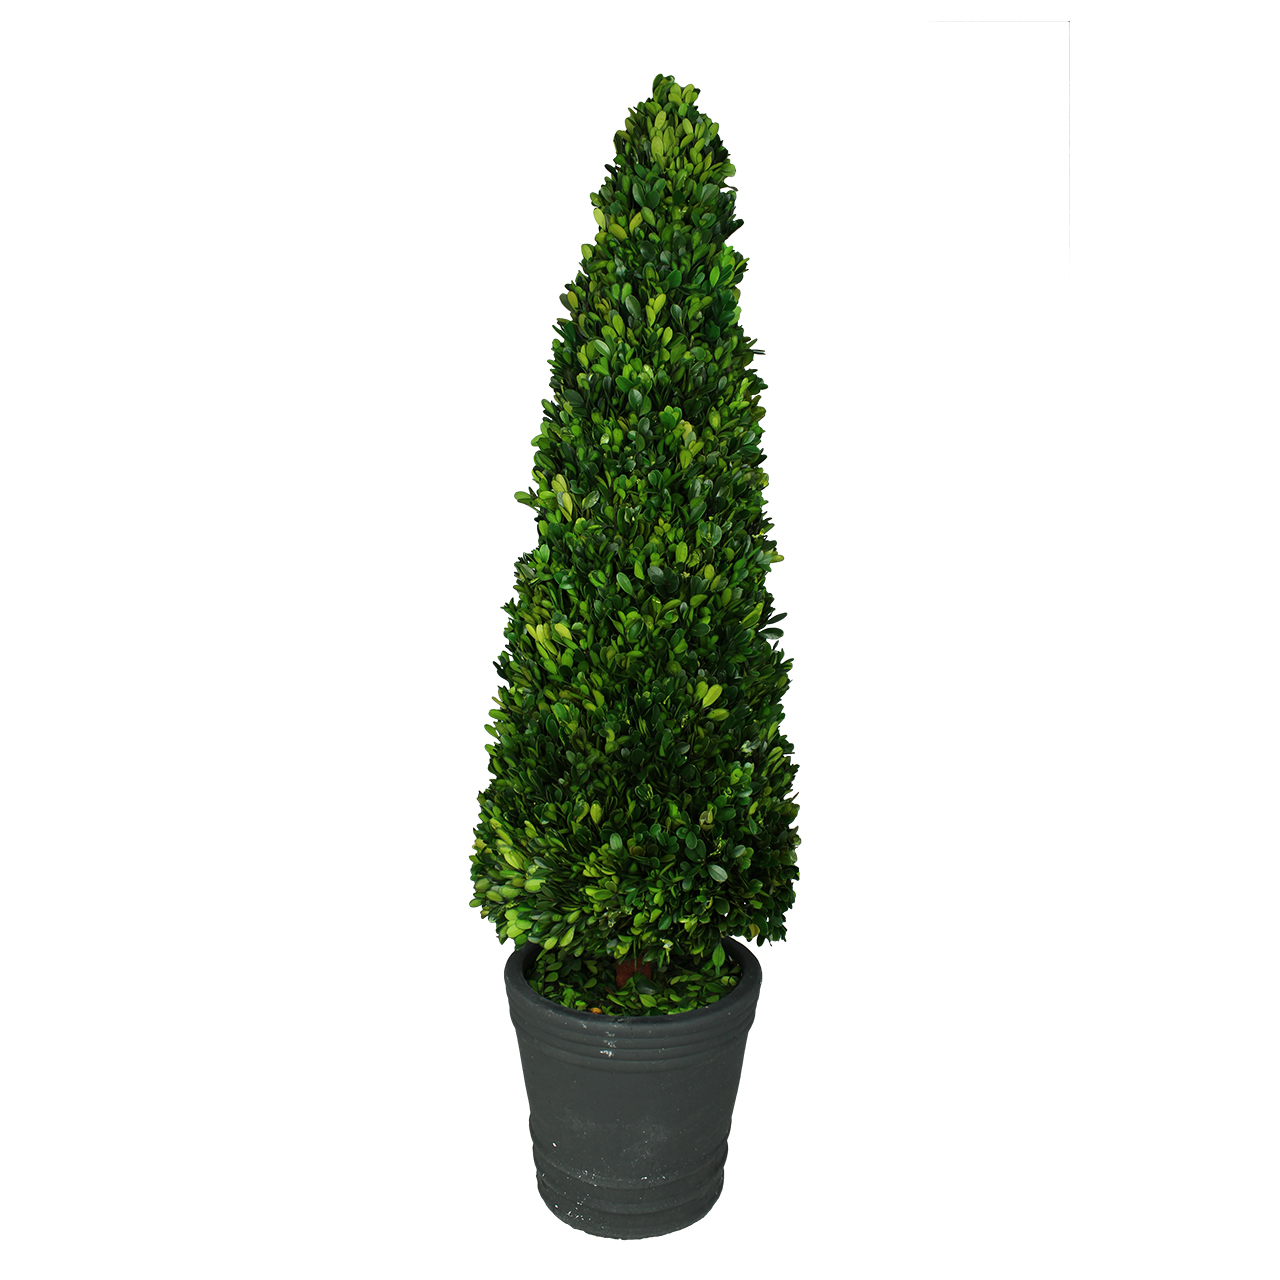 Planta Conservata Buxus Alungit In Ghiveci Din Cer